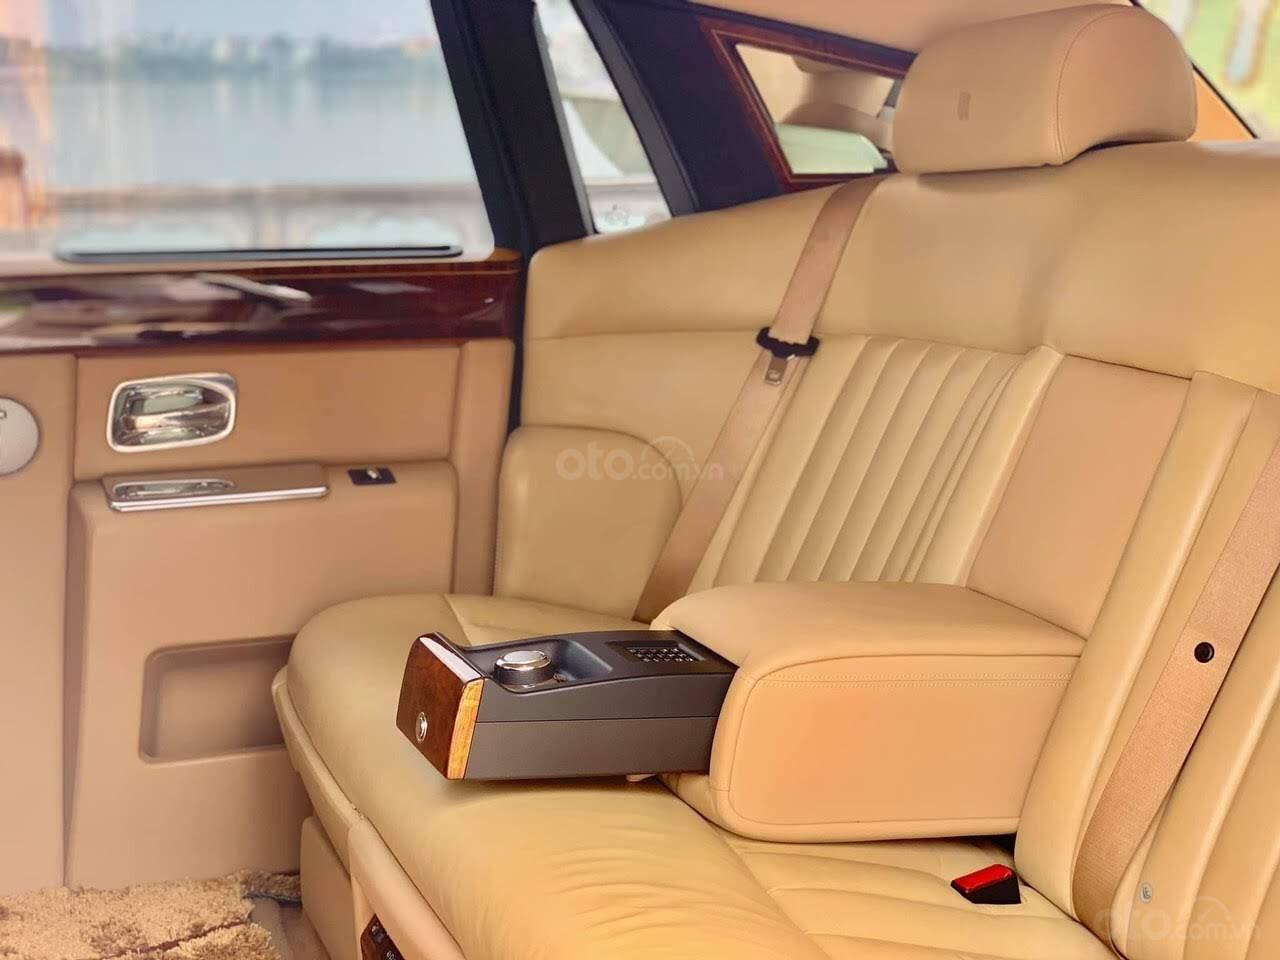 Bán Rolls-Royce Phantom Phantom năm sản xuất 2008, màu trắng, nhập khẩu nguyên chiếc (14)